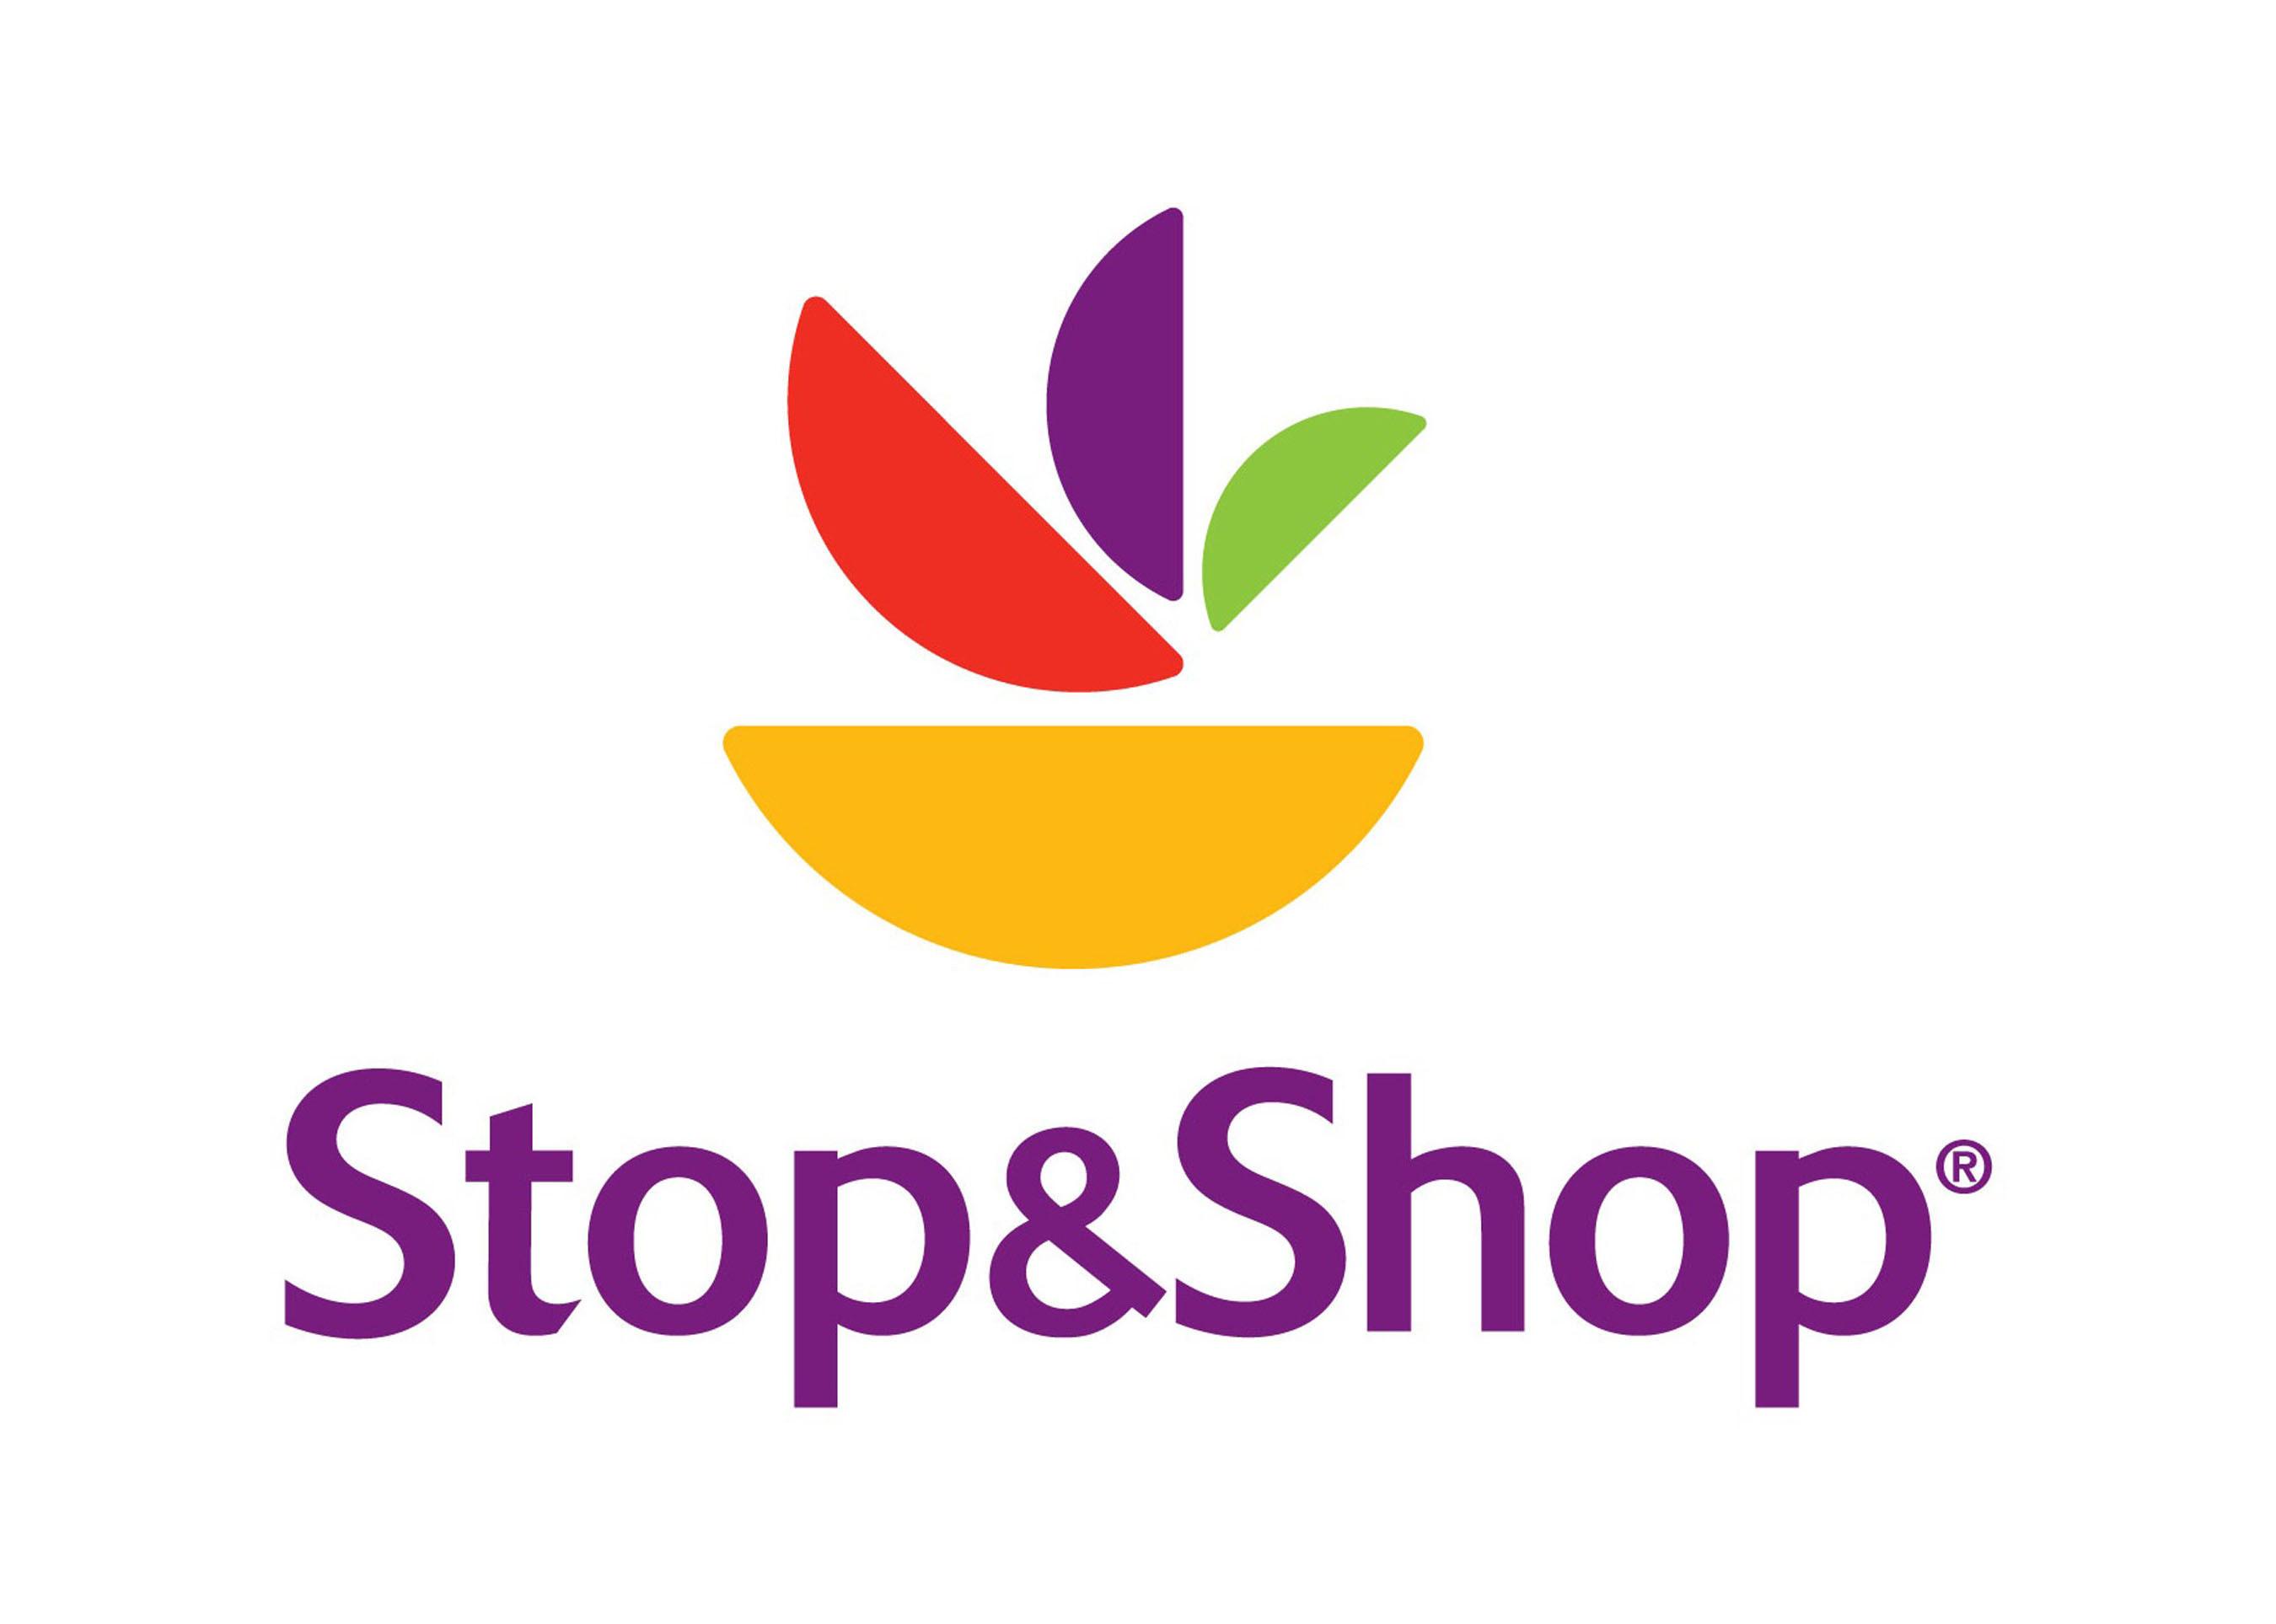 Stop Shop